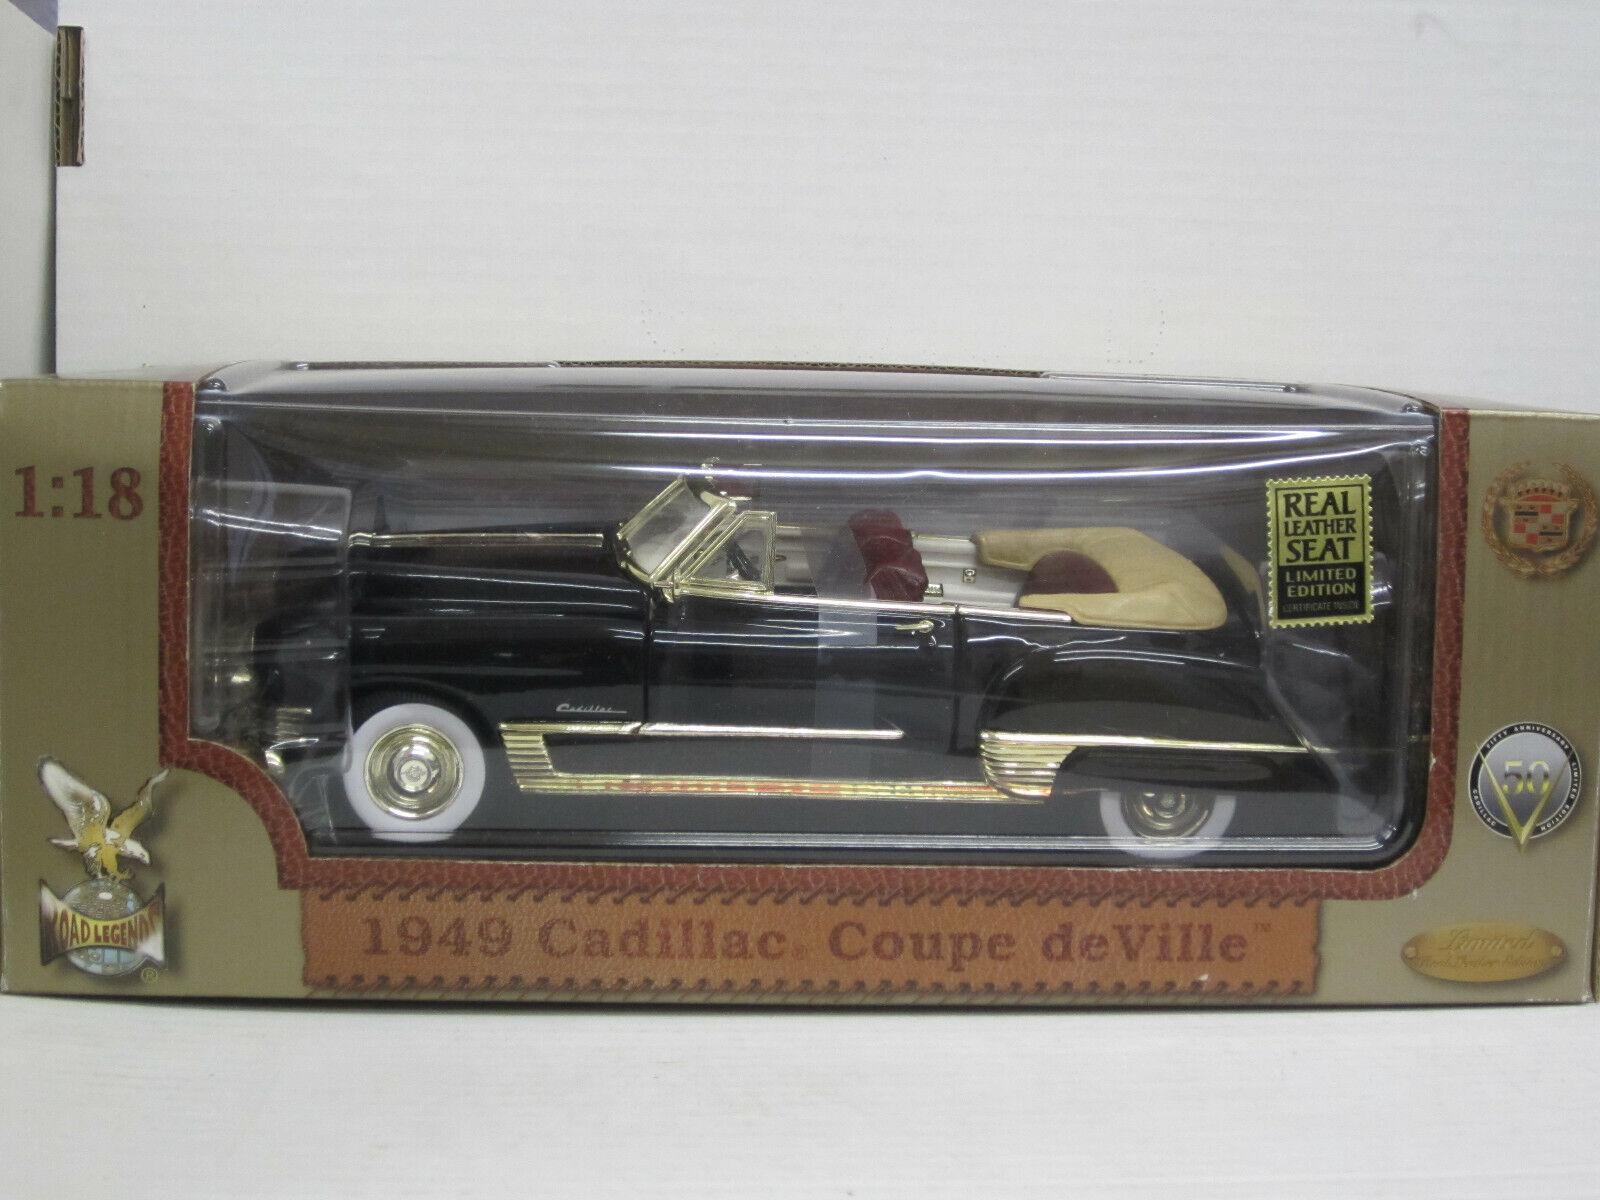 Cadillac Coupe de Ville cabrio 1949, nero, Road Legends, OVP, 1 18, limitado